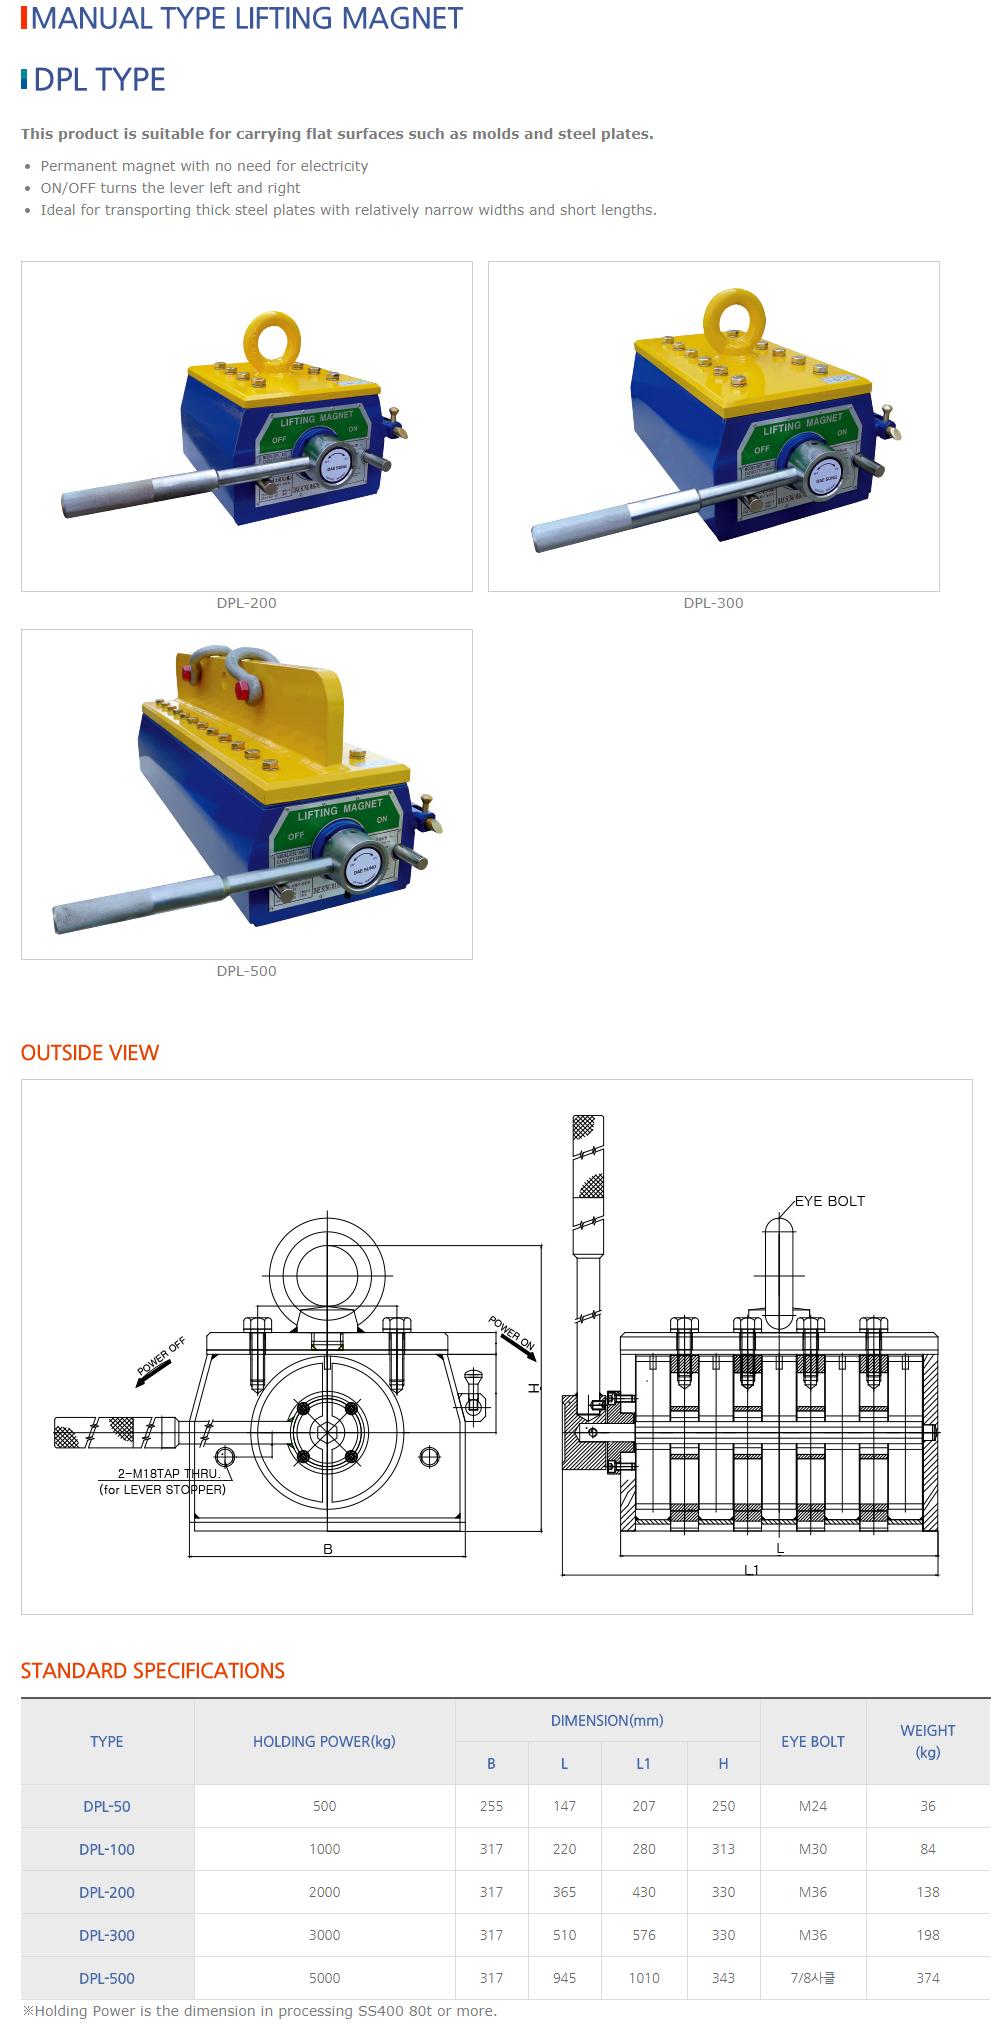 DAESUNG MARGNET Manual Type Lifting Magnet DPL Type